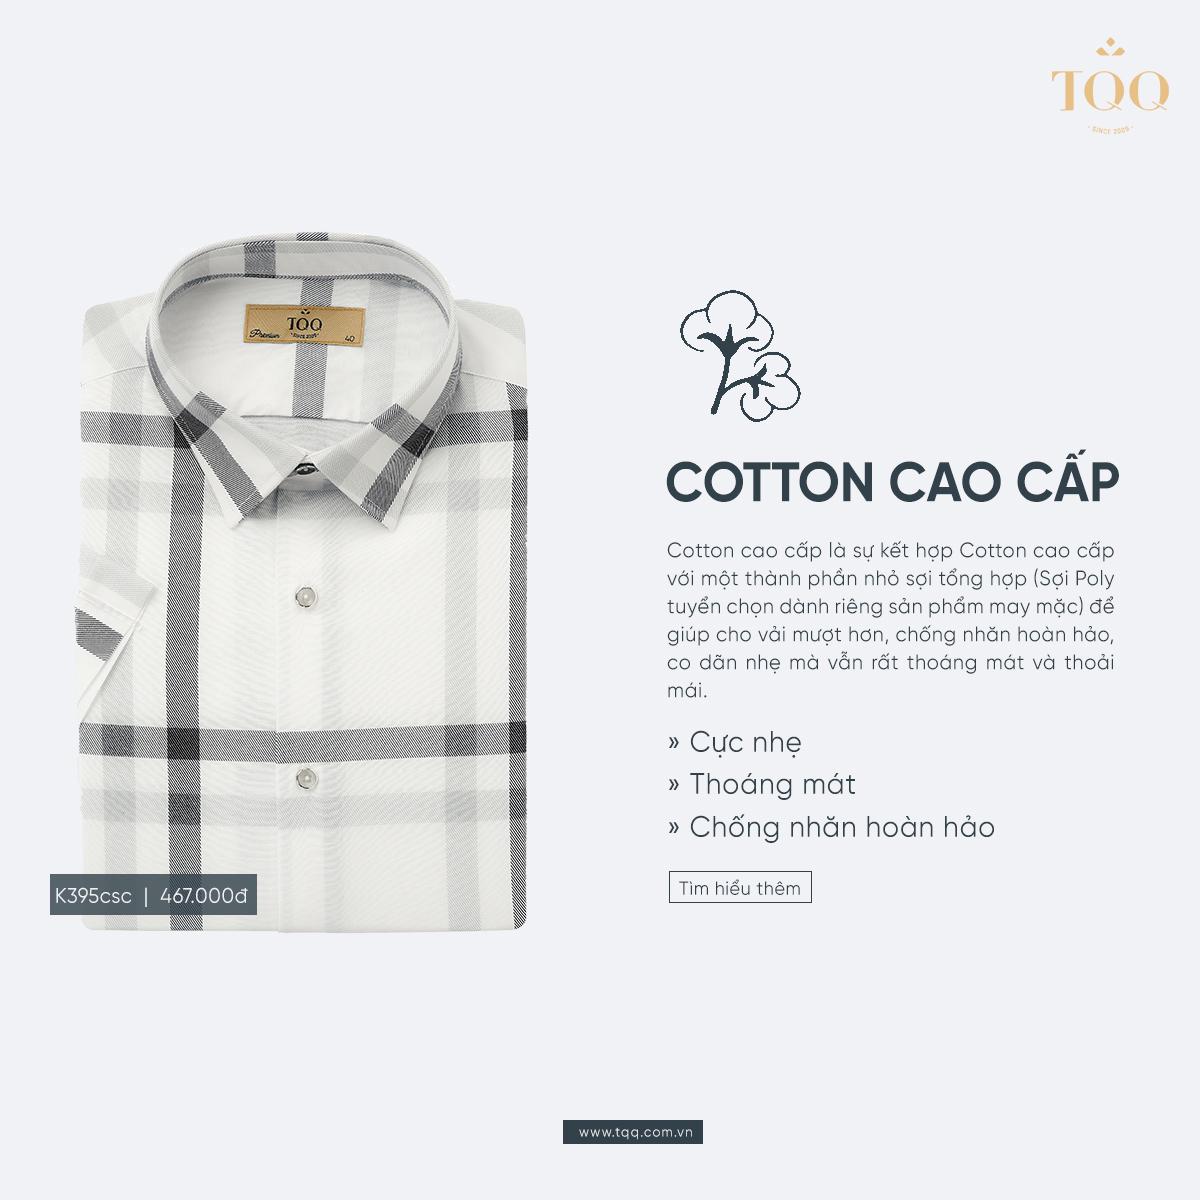 Vải Poly Cotton cao cấp là chất vải có khả năng chống nhăn hoàn hảo